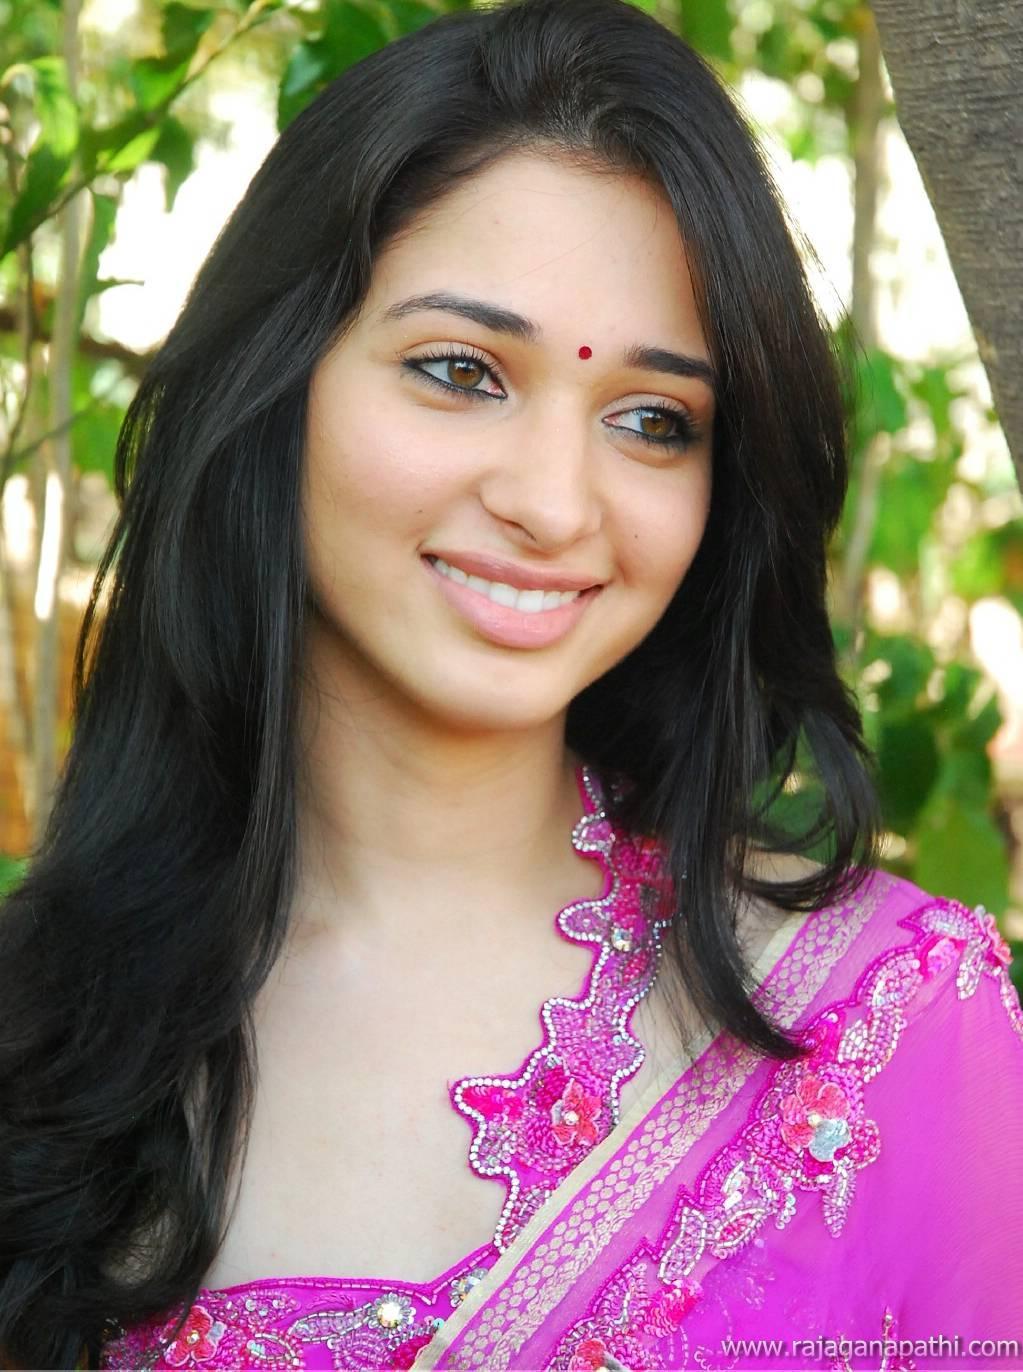 SOUTH ACTRESS TAMANNA BHATIA IN SAREE HOT LATEST PHOTO